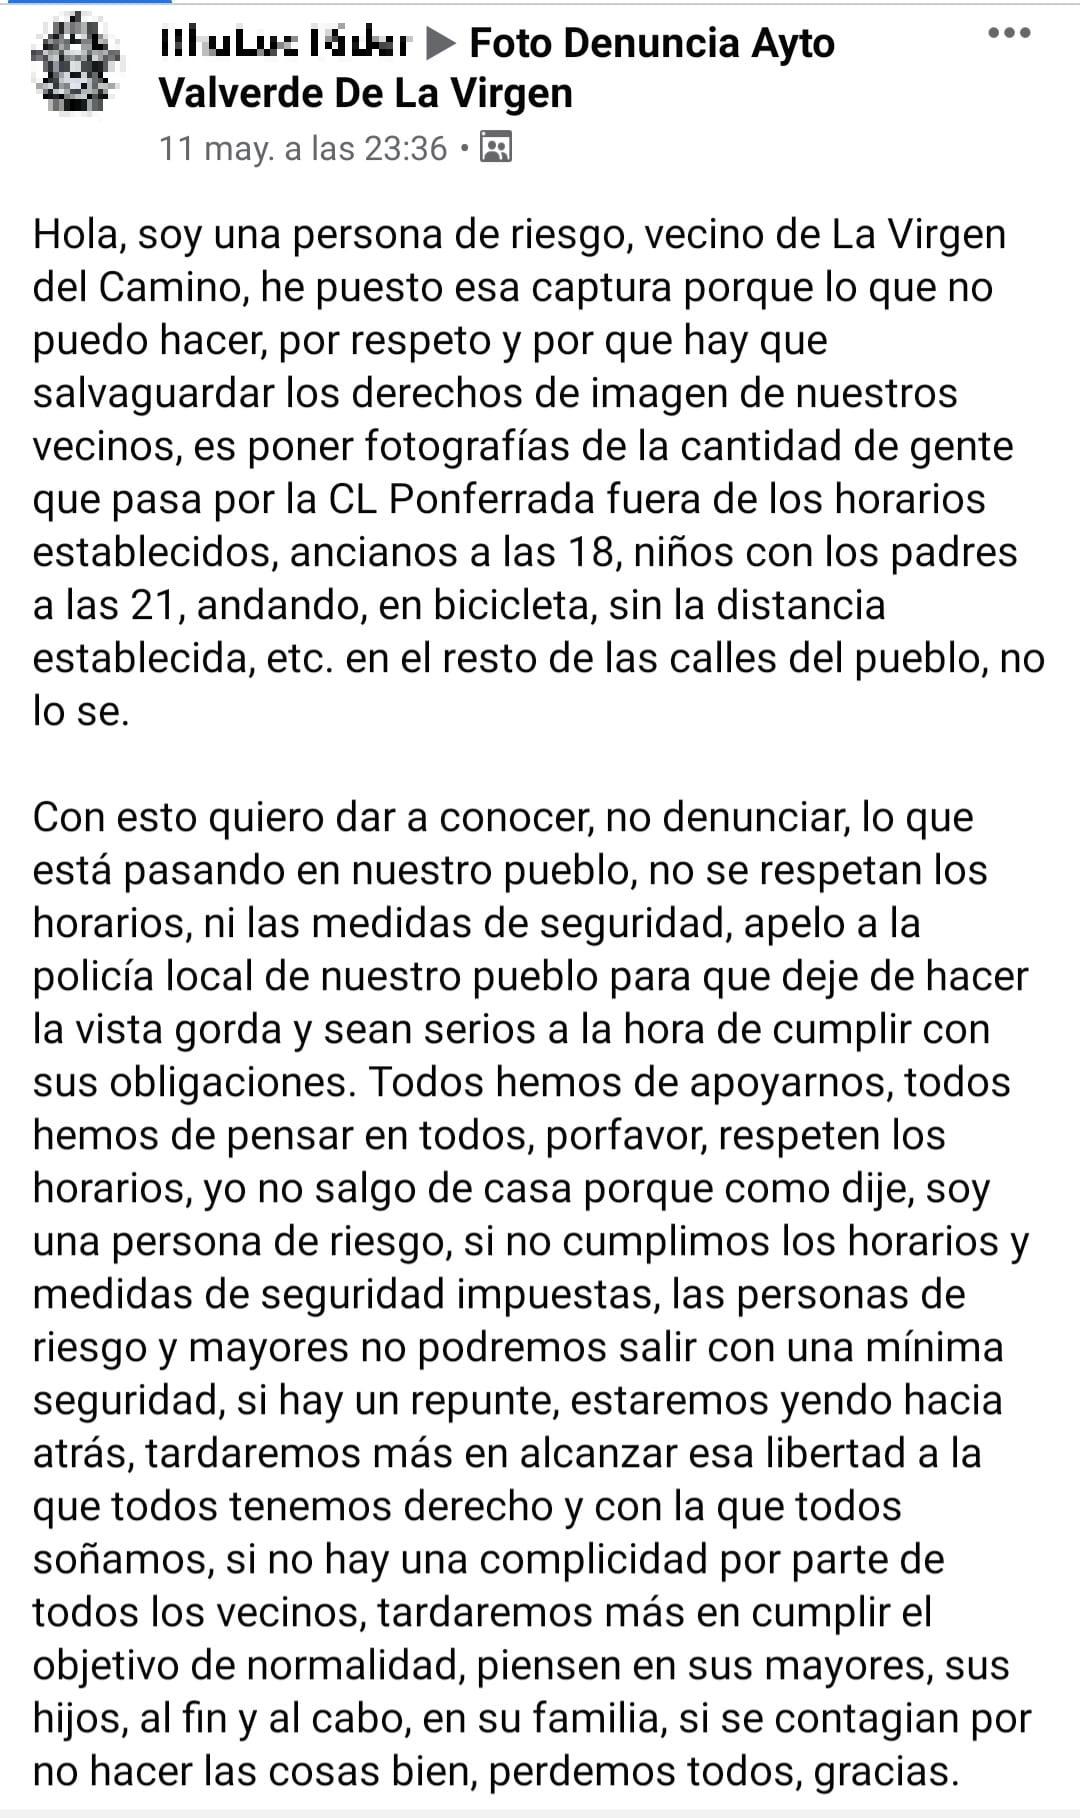 Tremenda queja de este vecino de Valverde de la Virgen